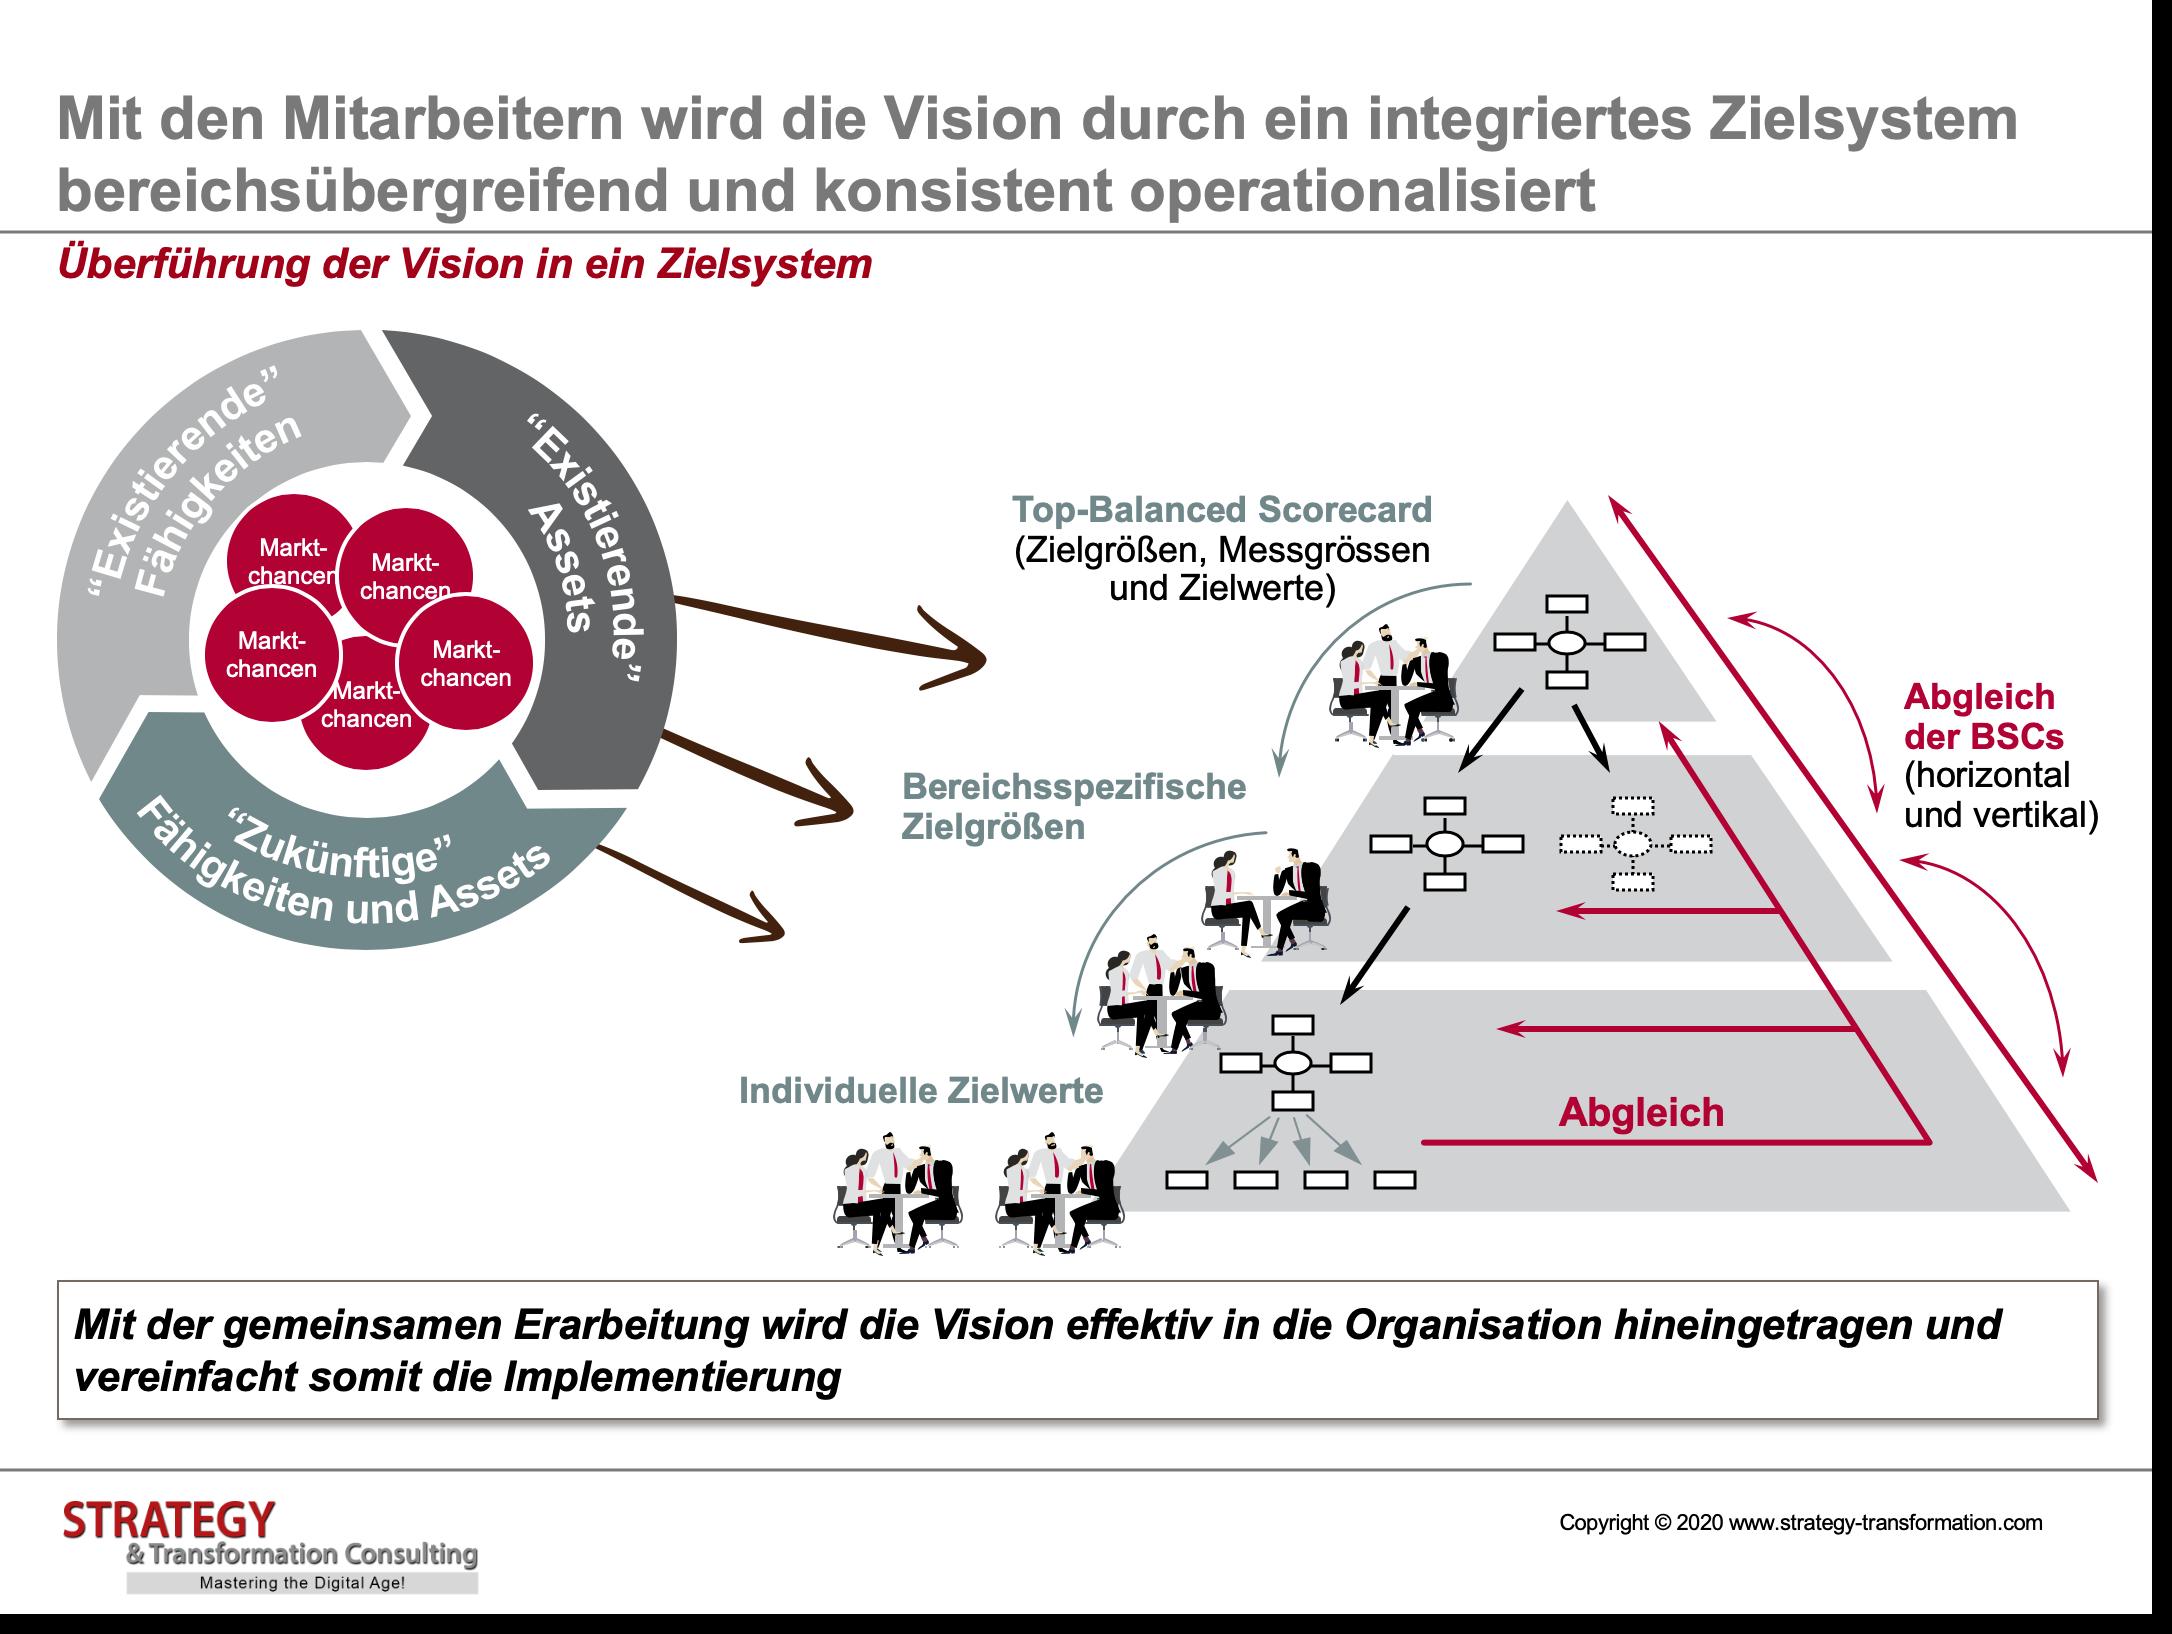 Überführung der Vision in ein Zielsystem